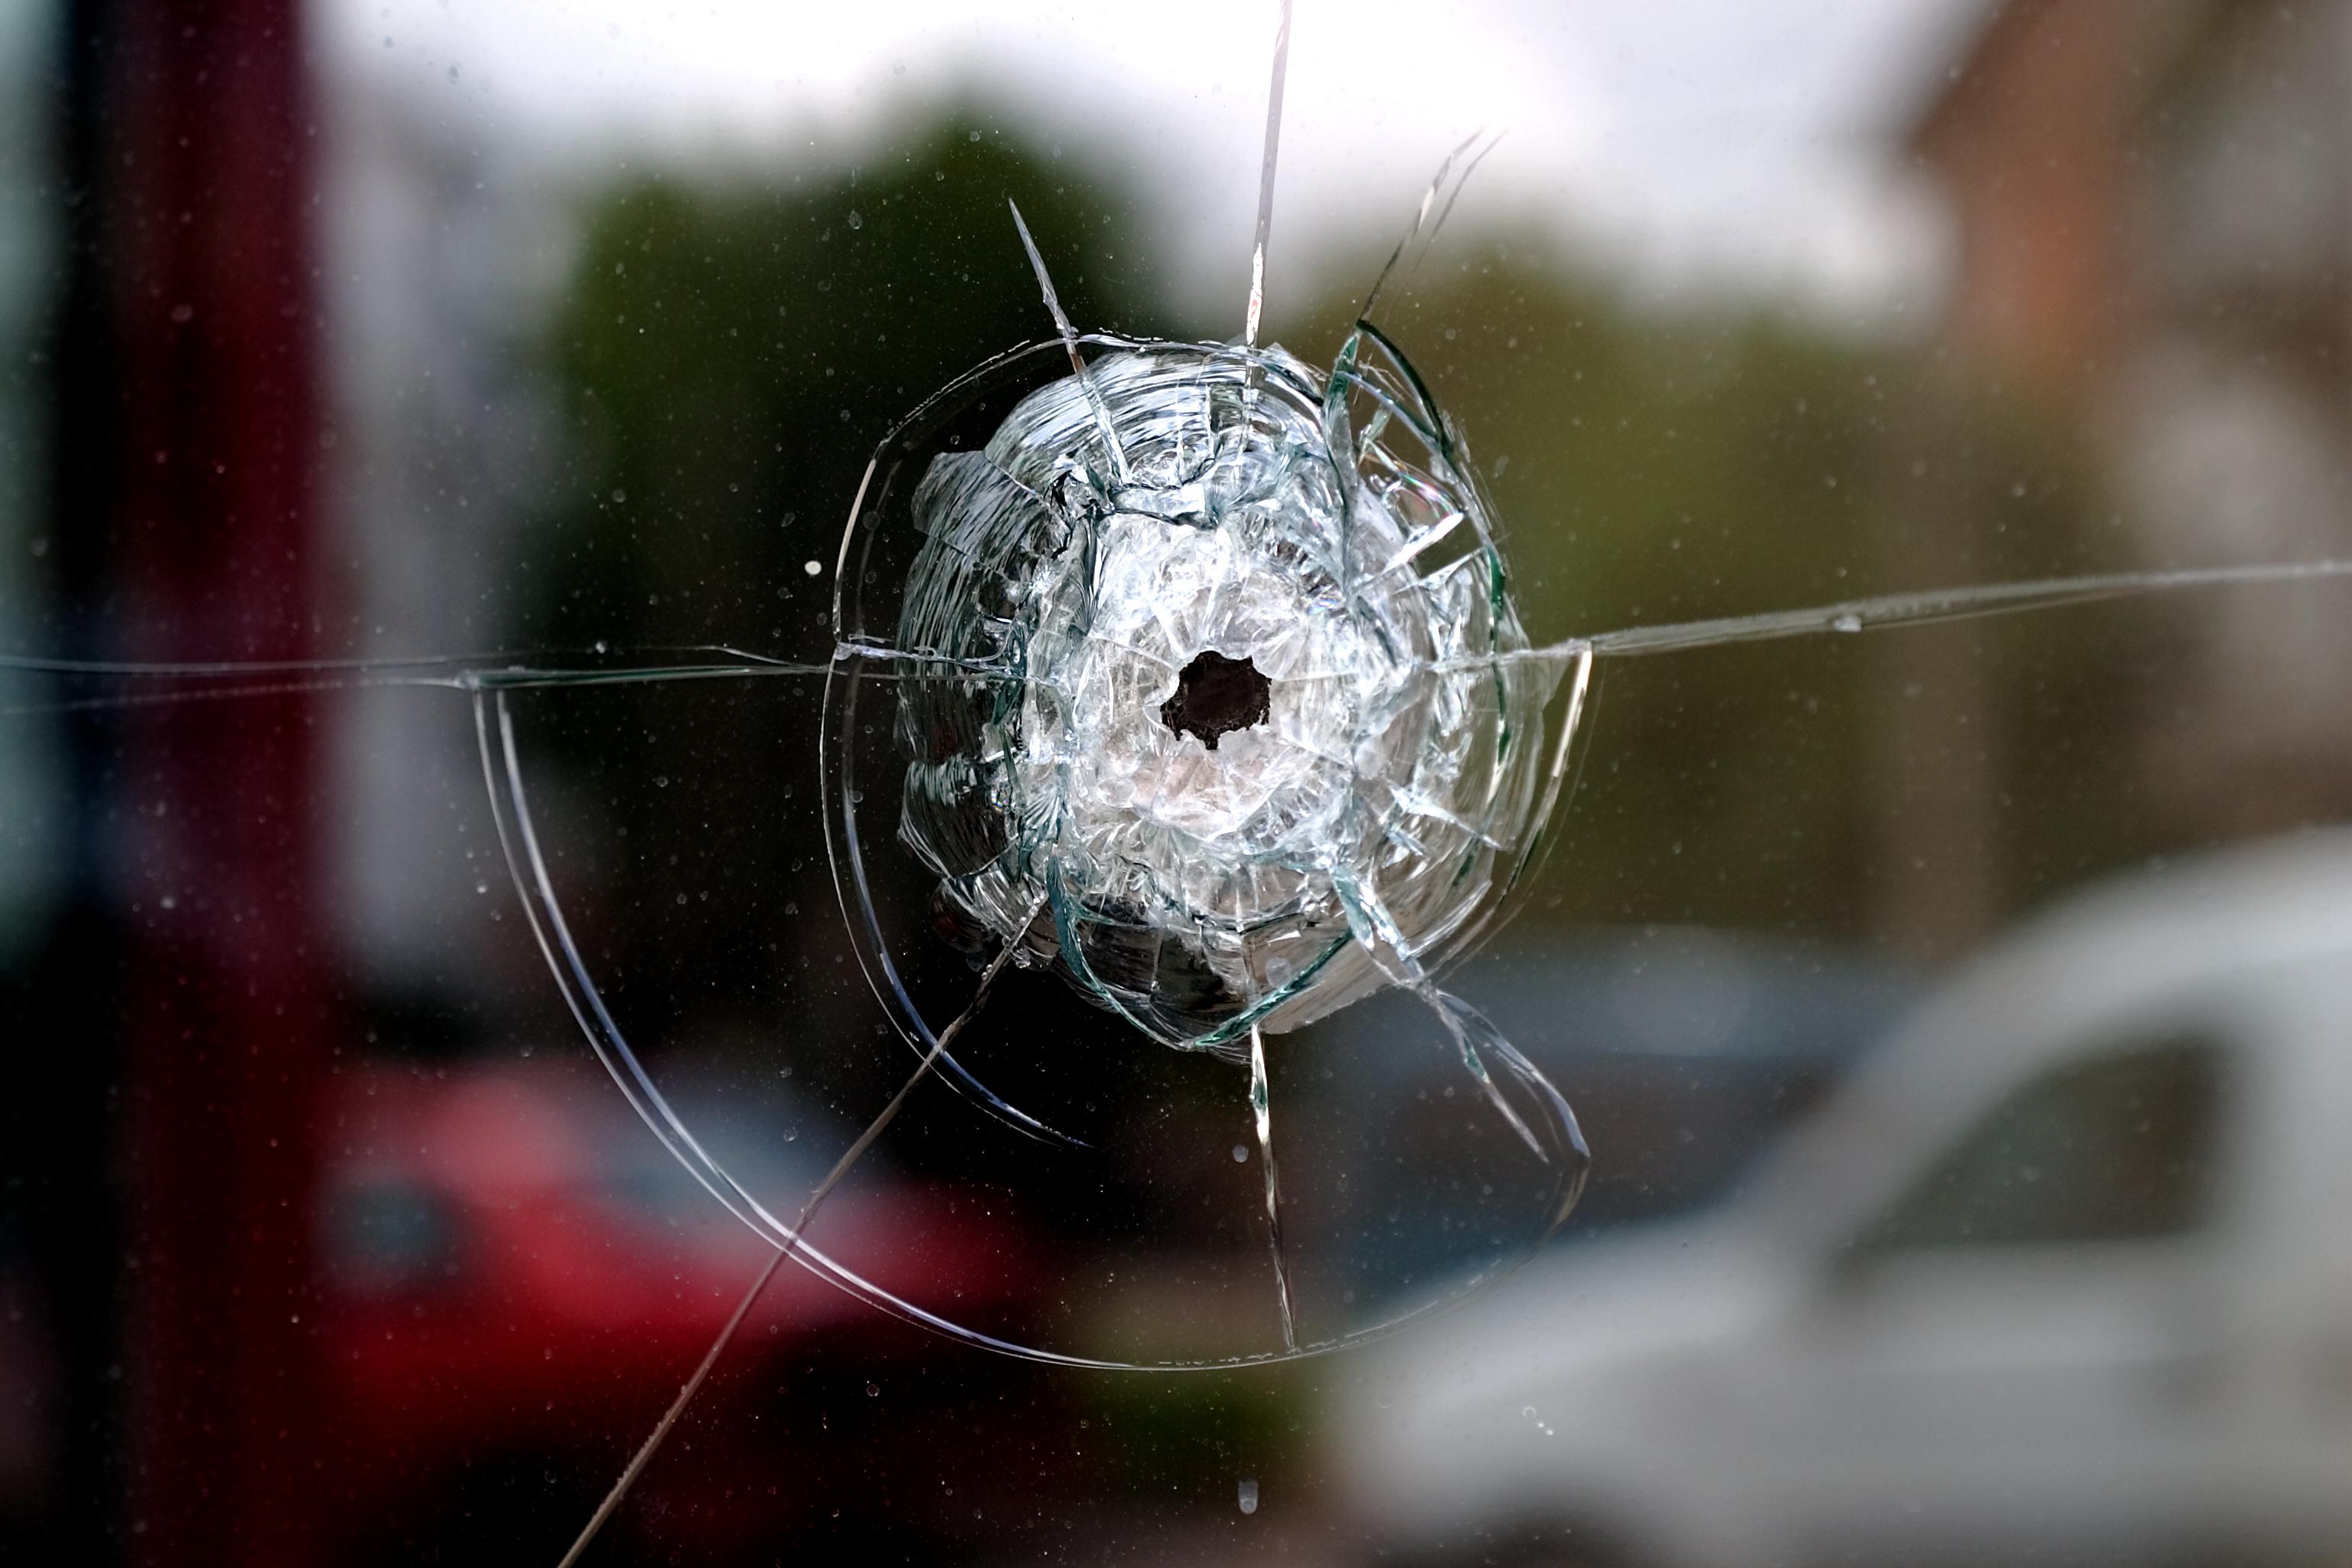 Bullet in window